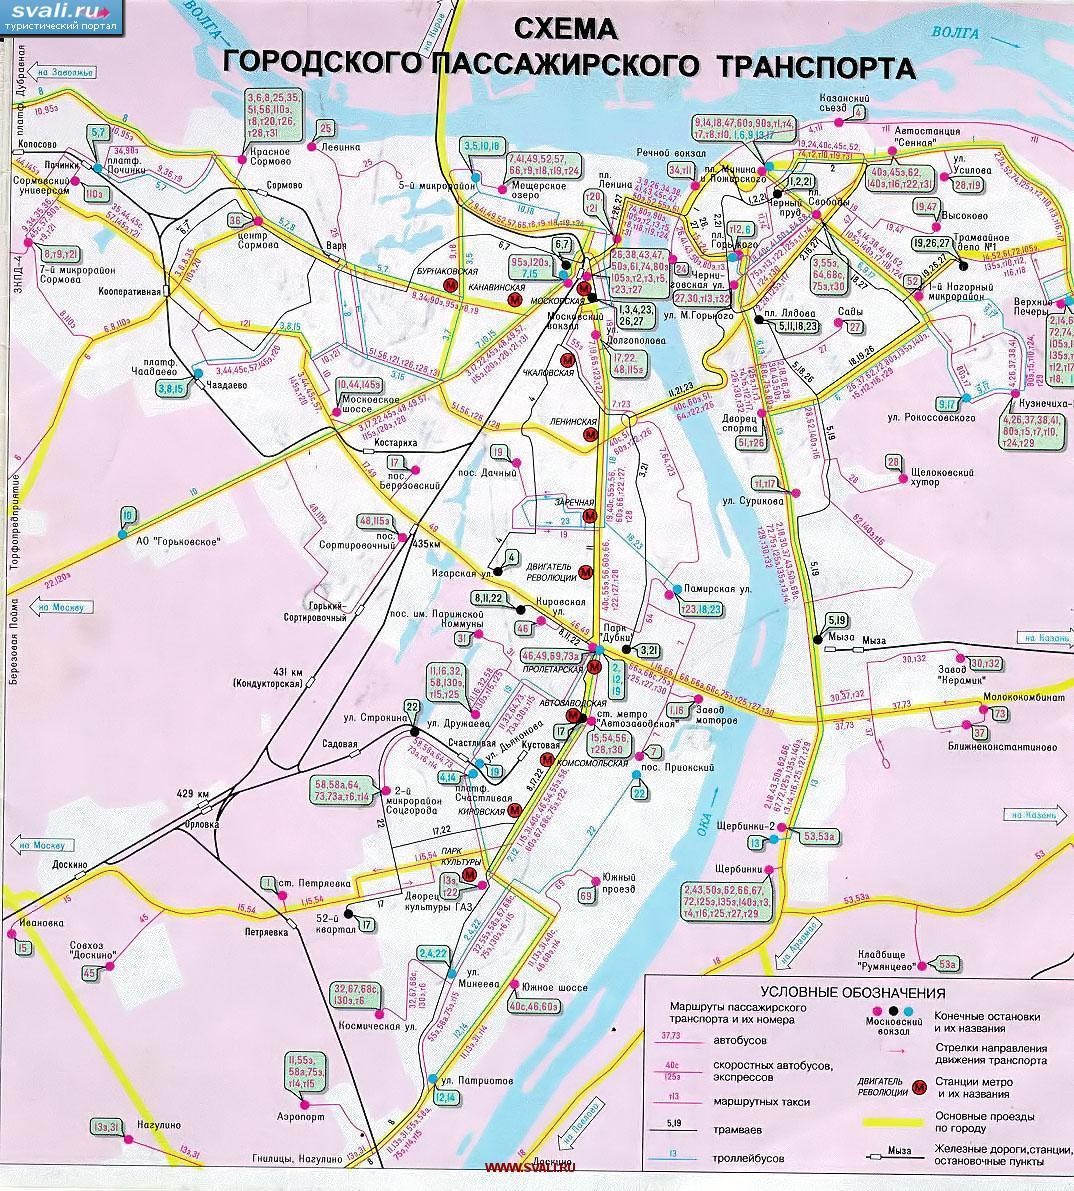 Схема городского пассажирского транспорта Нижнего Новгорода.